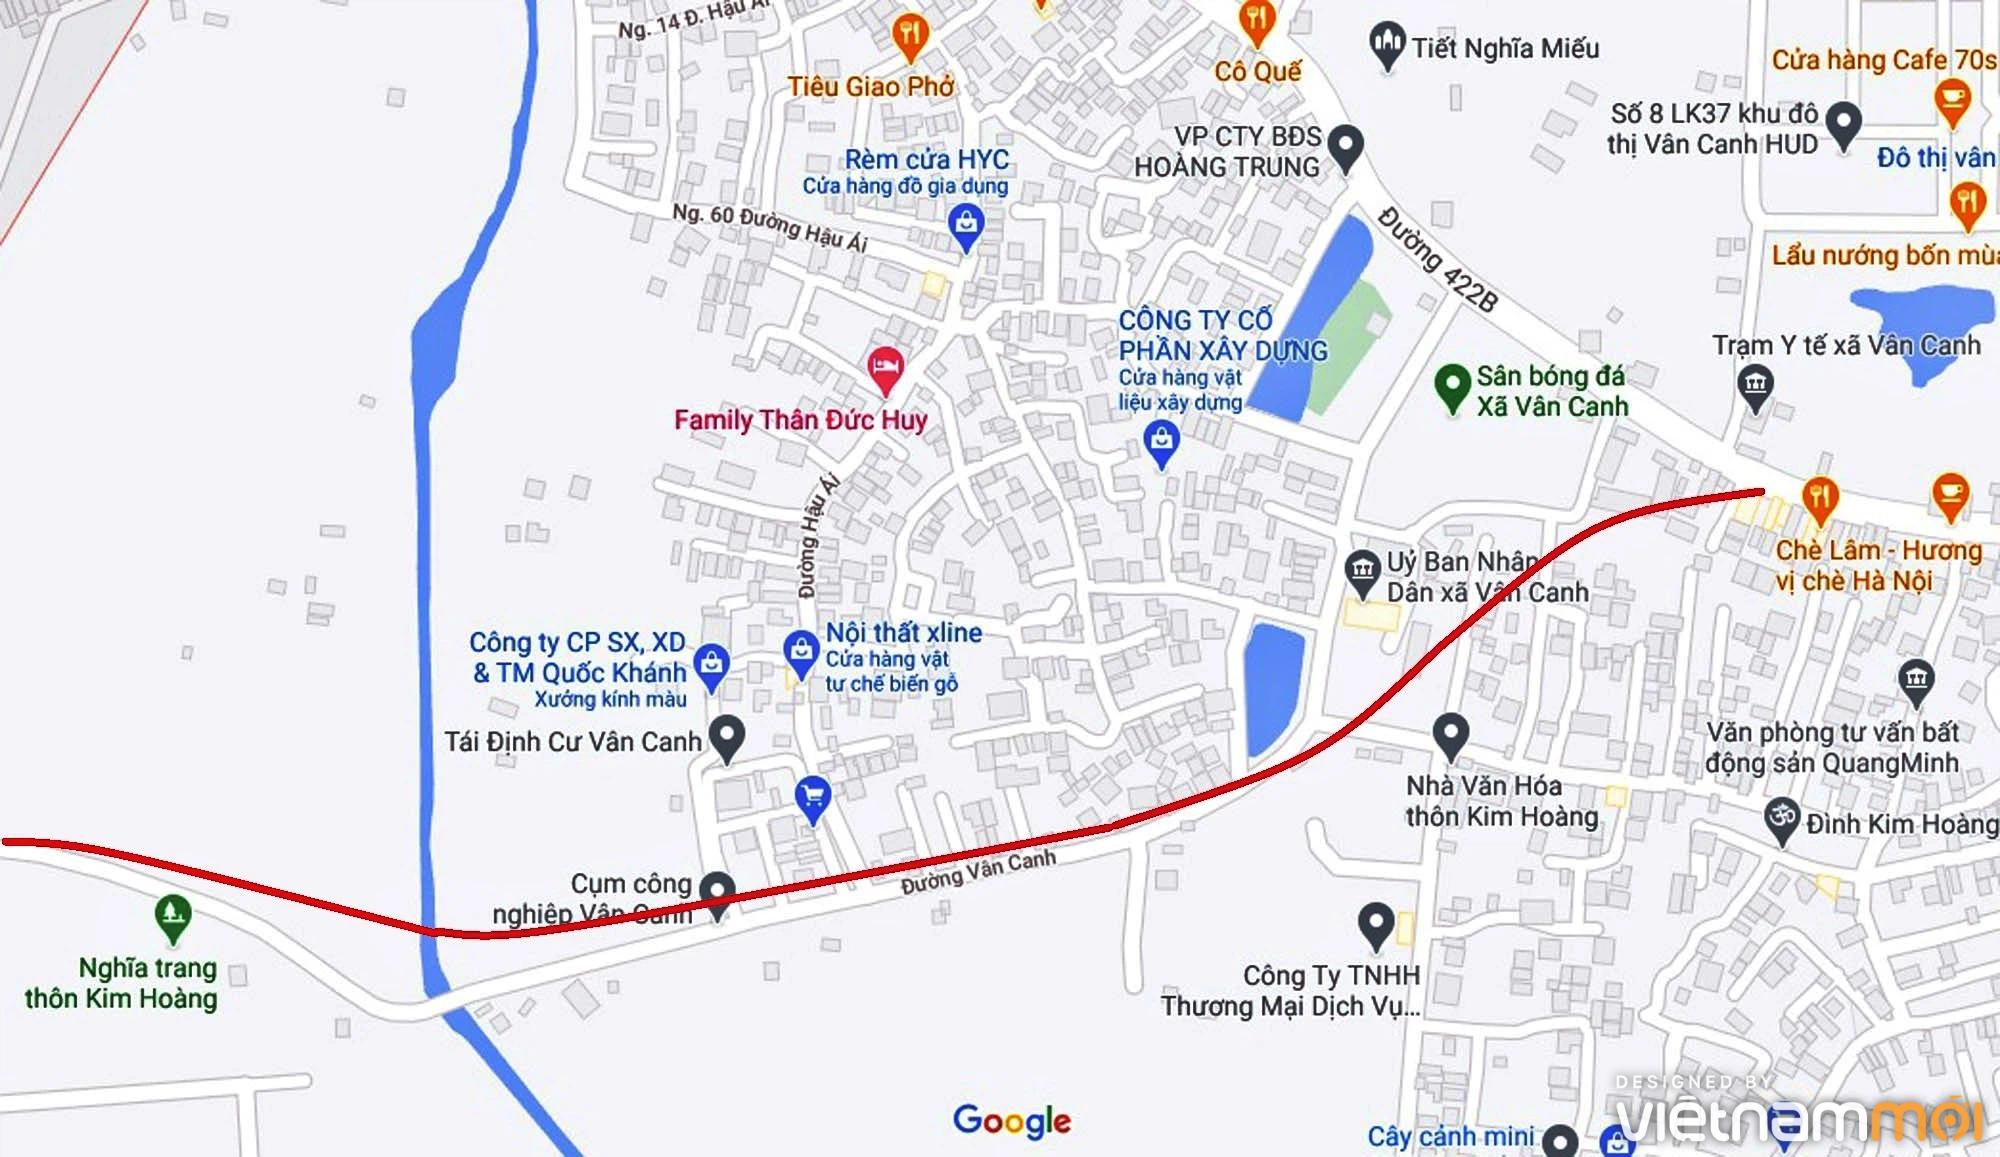 Đường sẽ mở theo quy hoạch ở xã Vân Canh, Hoài Đức, Hà Nội (phần 5) - Ảnh 2.